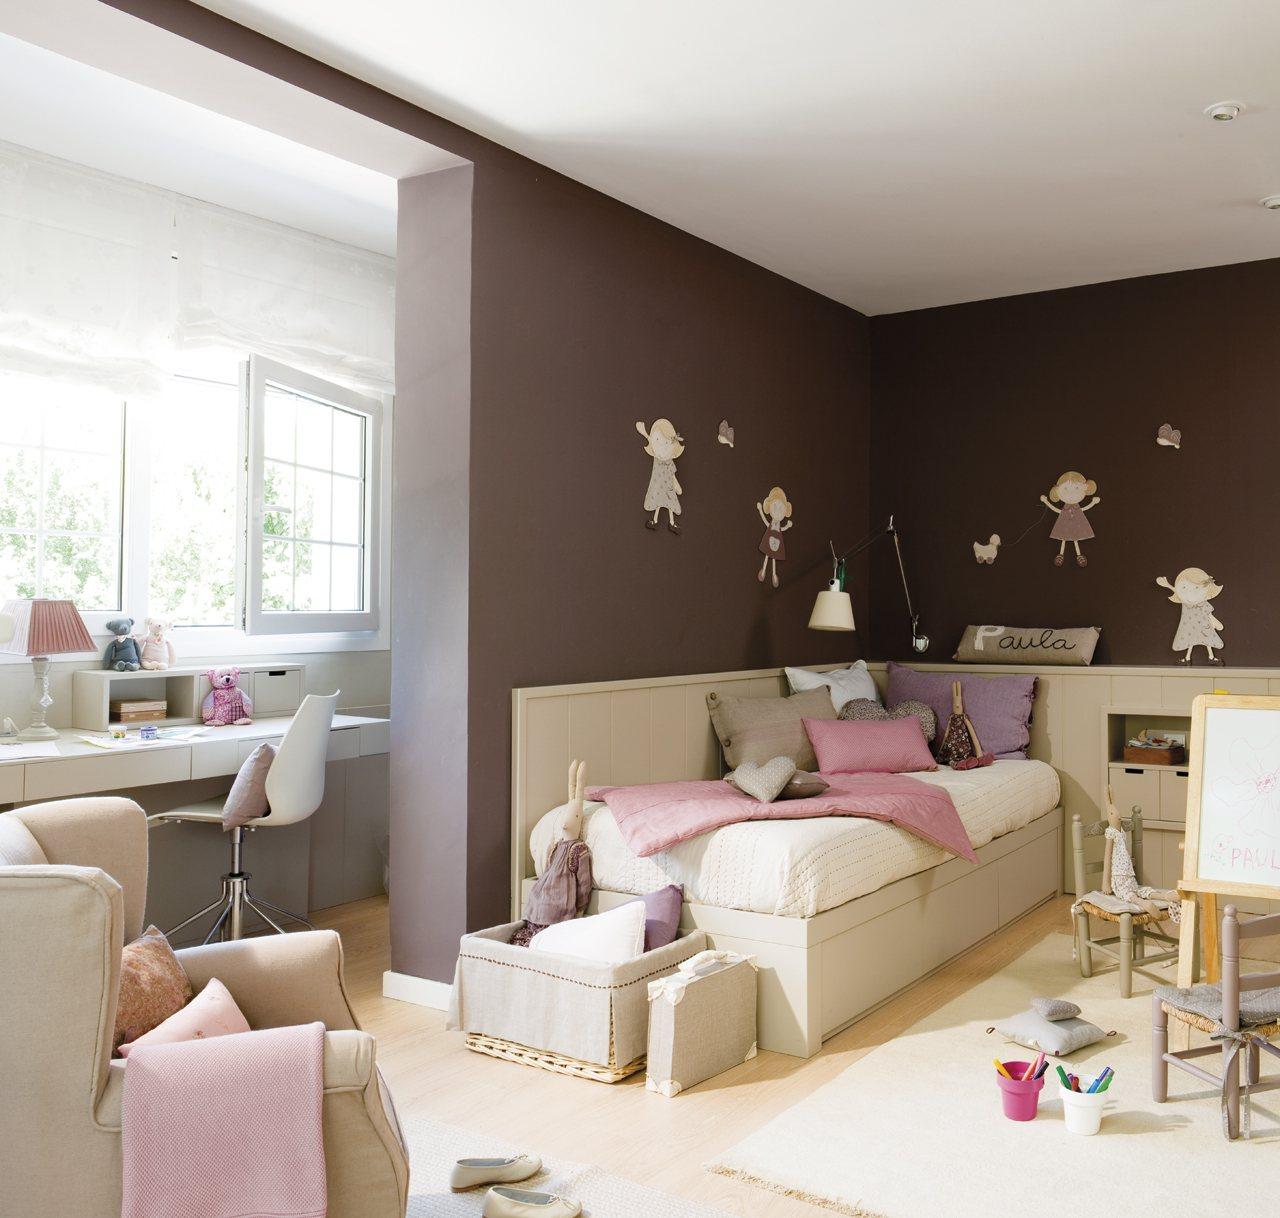 Un dormitorio muy completo lleno de luz y color - Luz para dormitorio ...